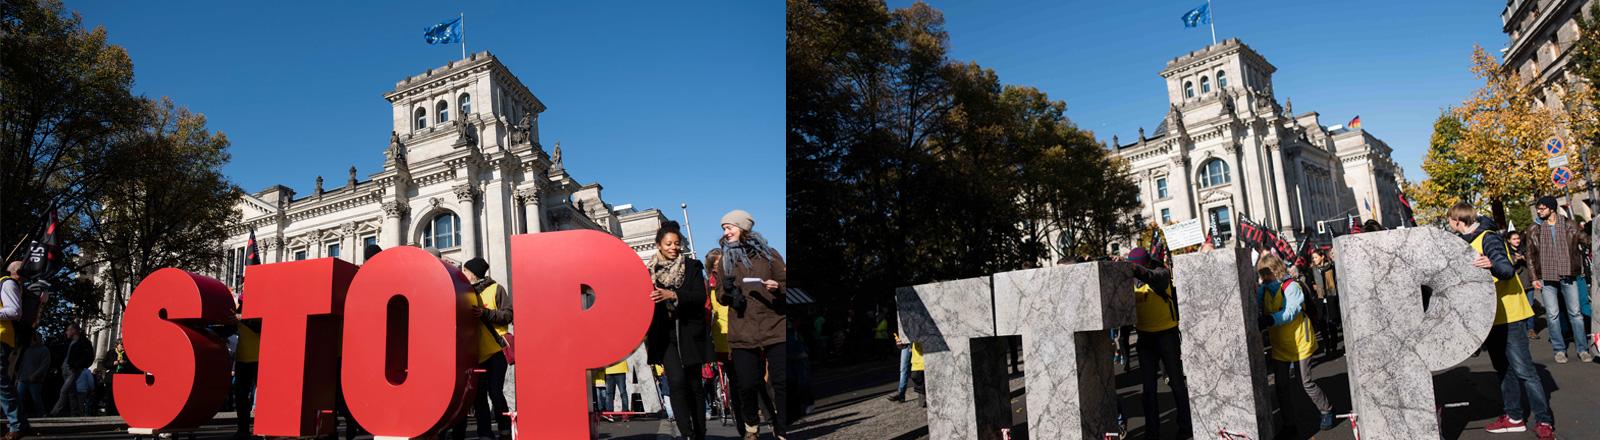 """Eine Demonstration, bei der die Schriftzüge """"Stop TTIP"""" vorweg getragen werden."""